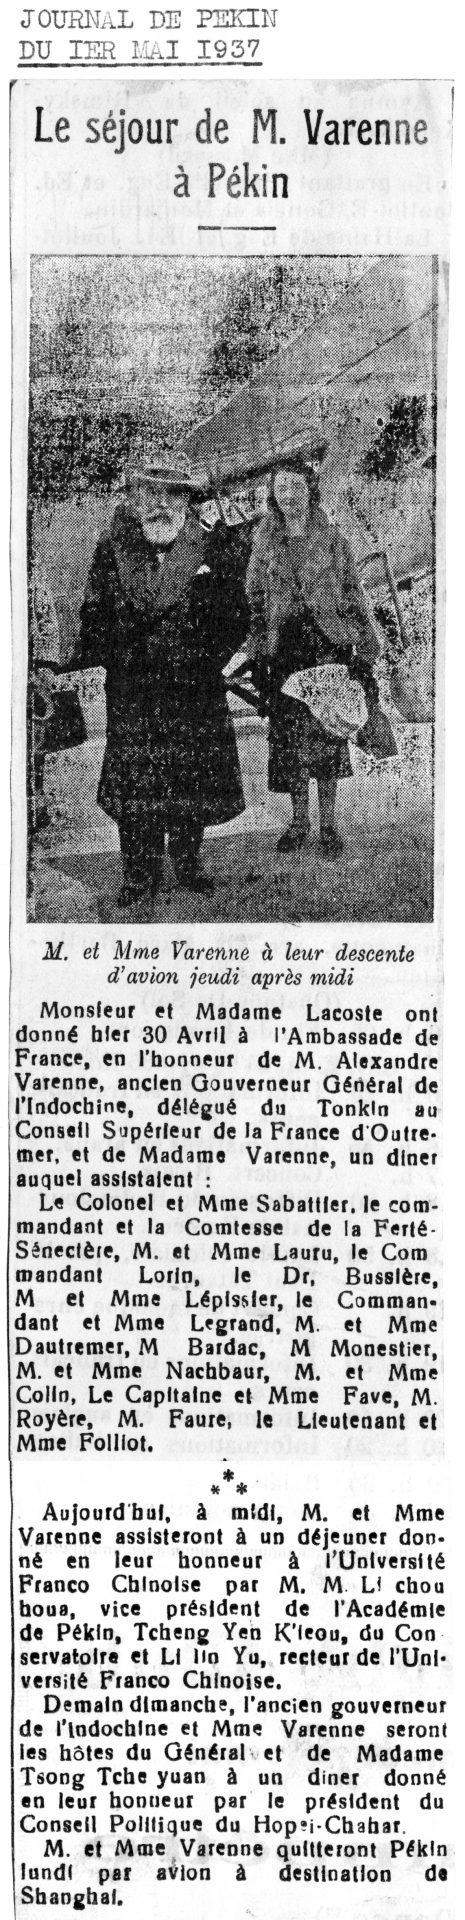 Journal de Pékin du 01 Mai 1937